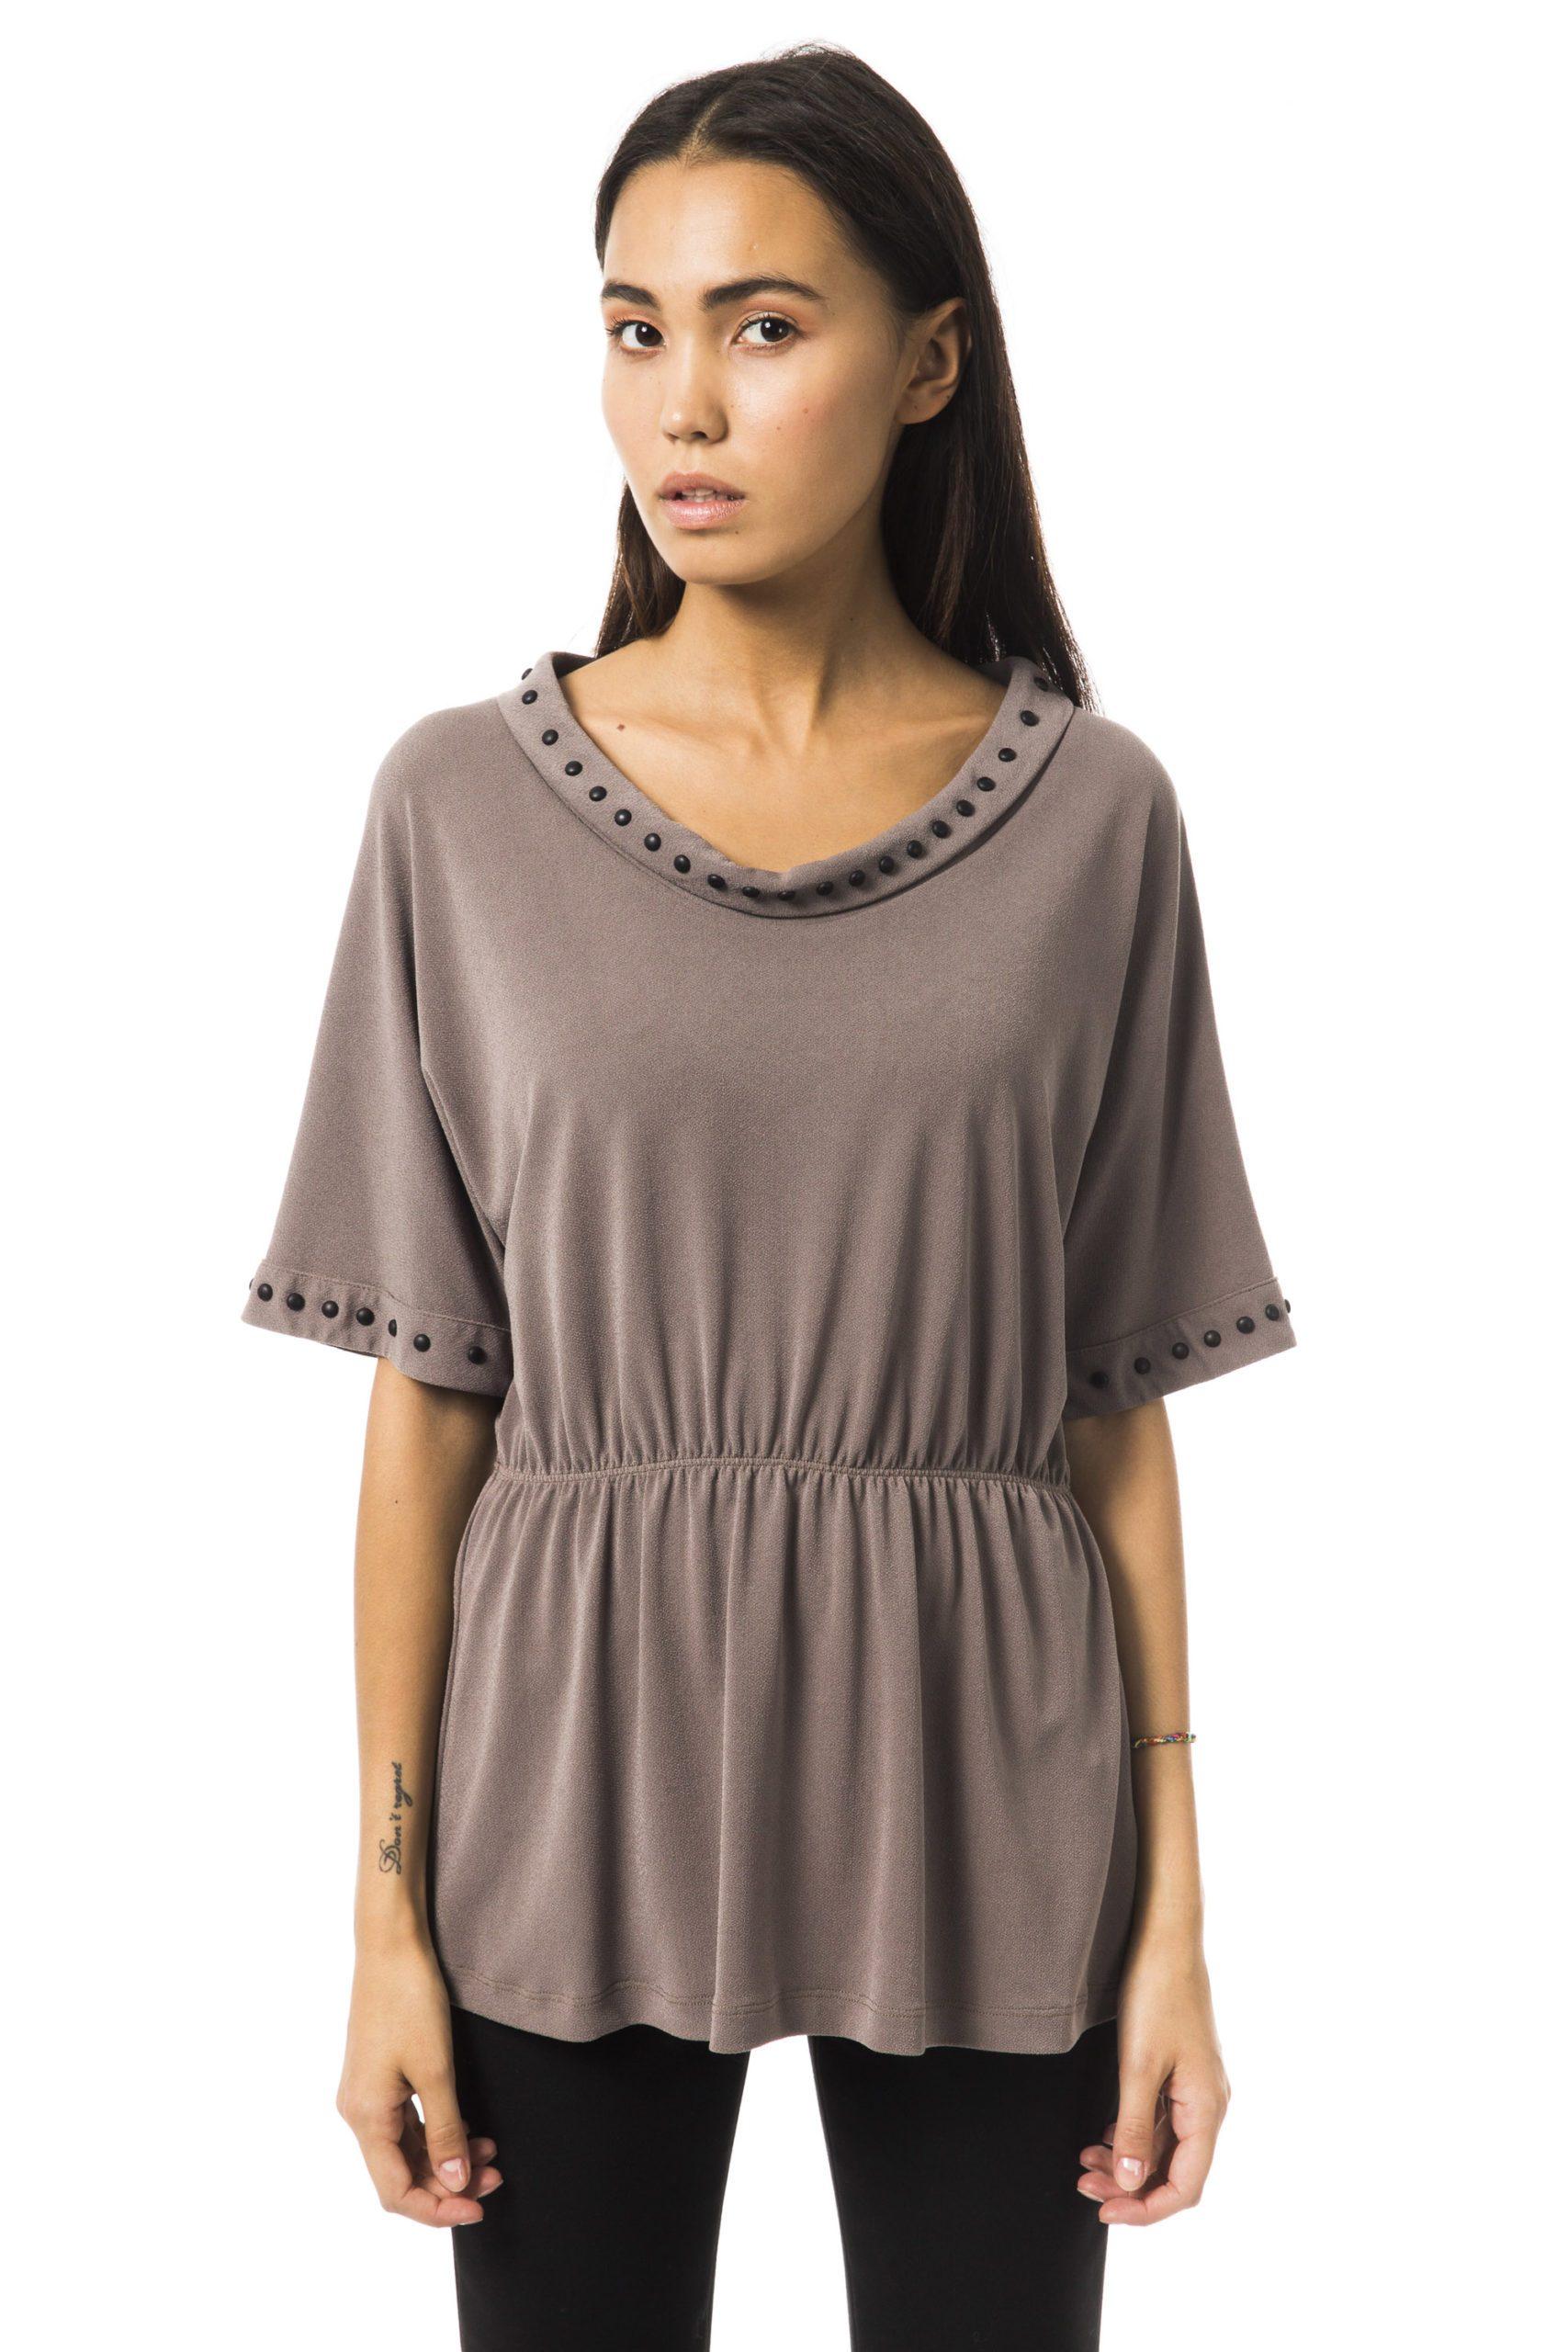 BYBLOS Women's Nebbia T-Shirt Gray BY1234749 - IT42 | S